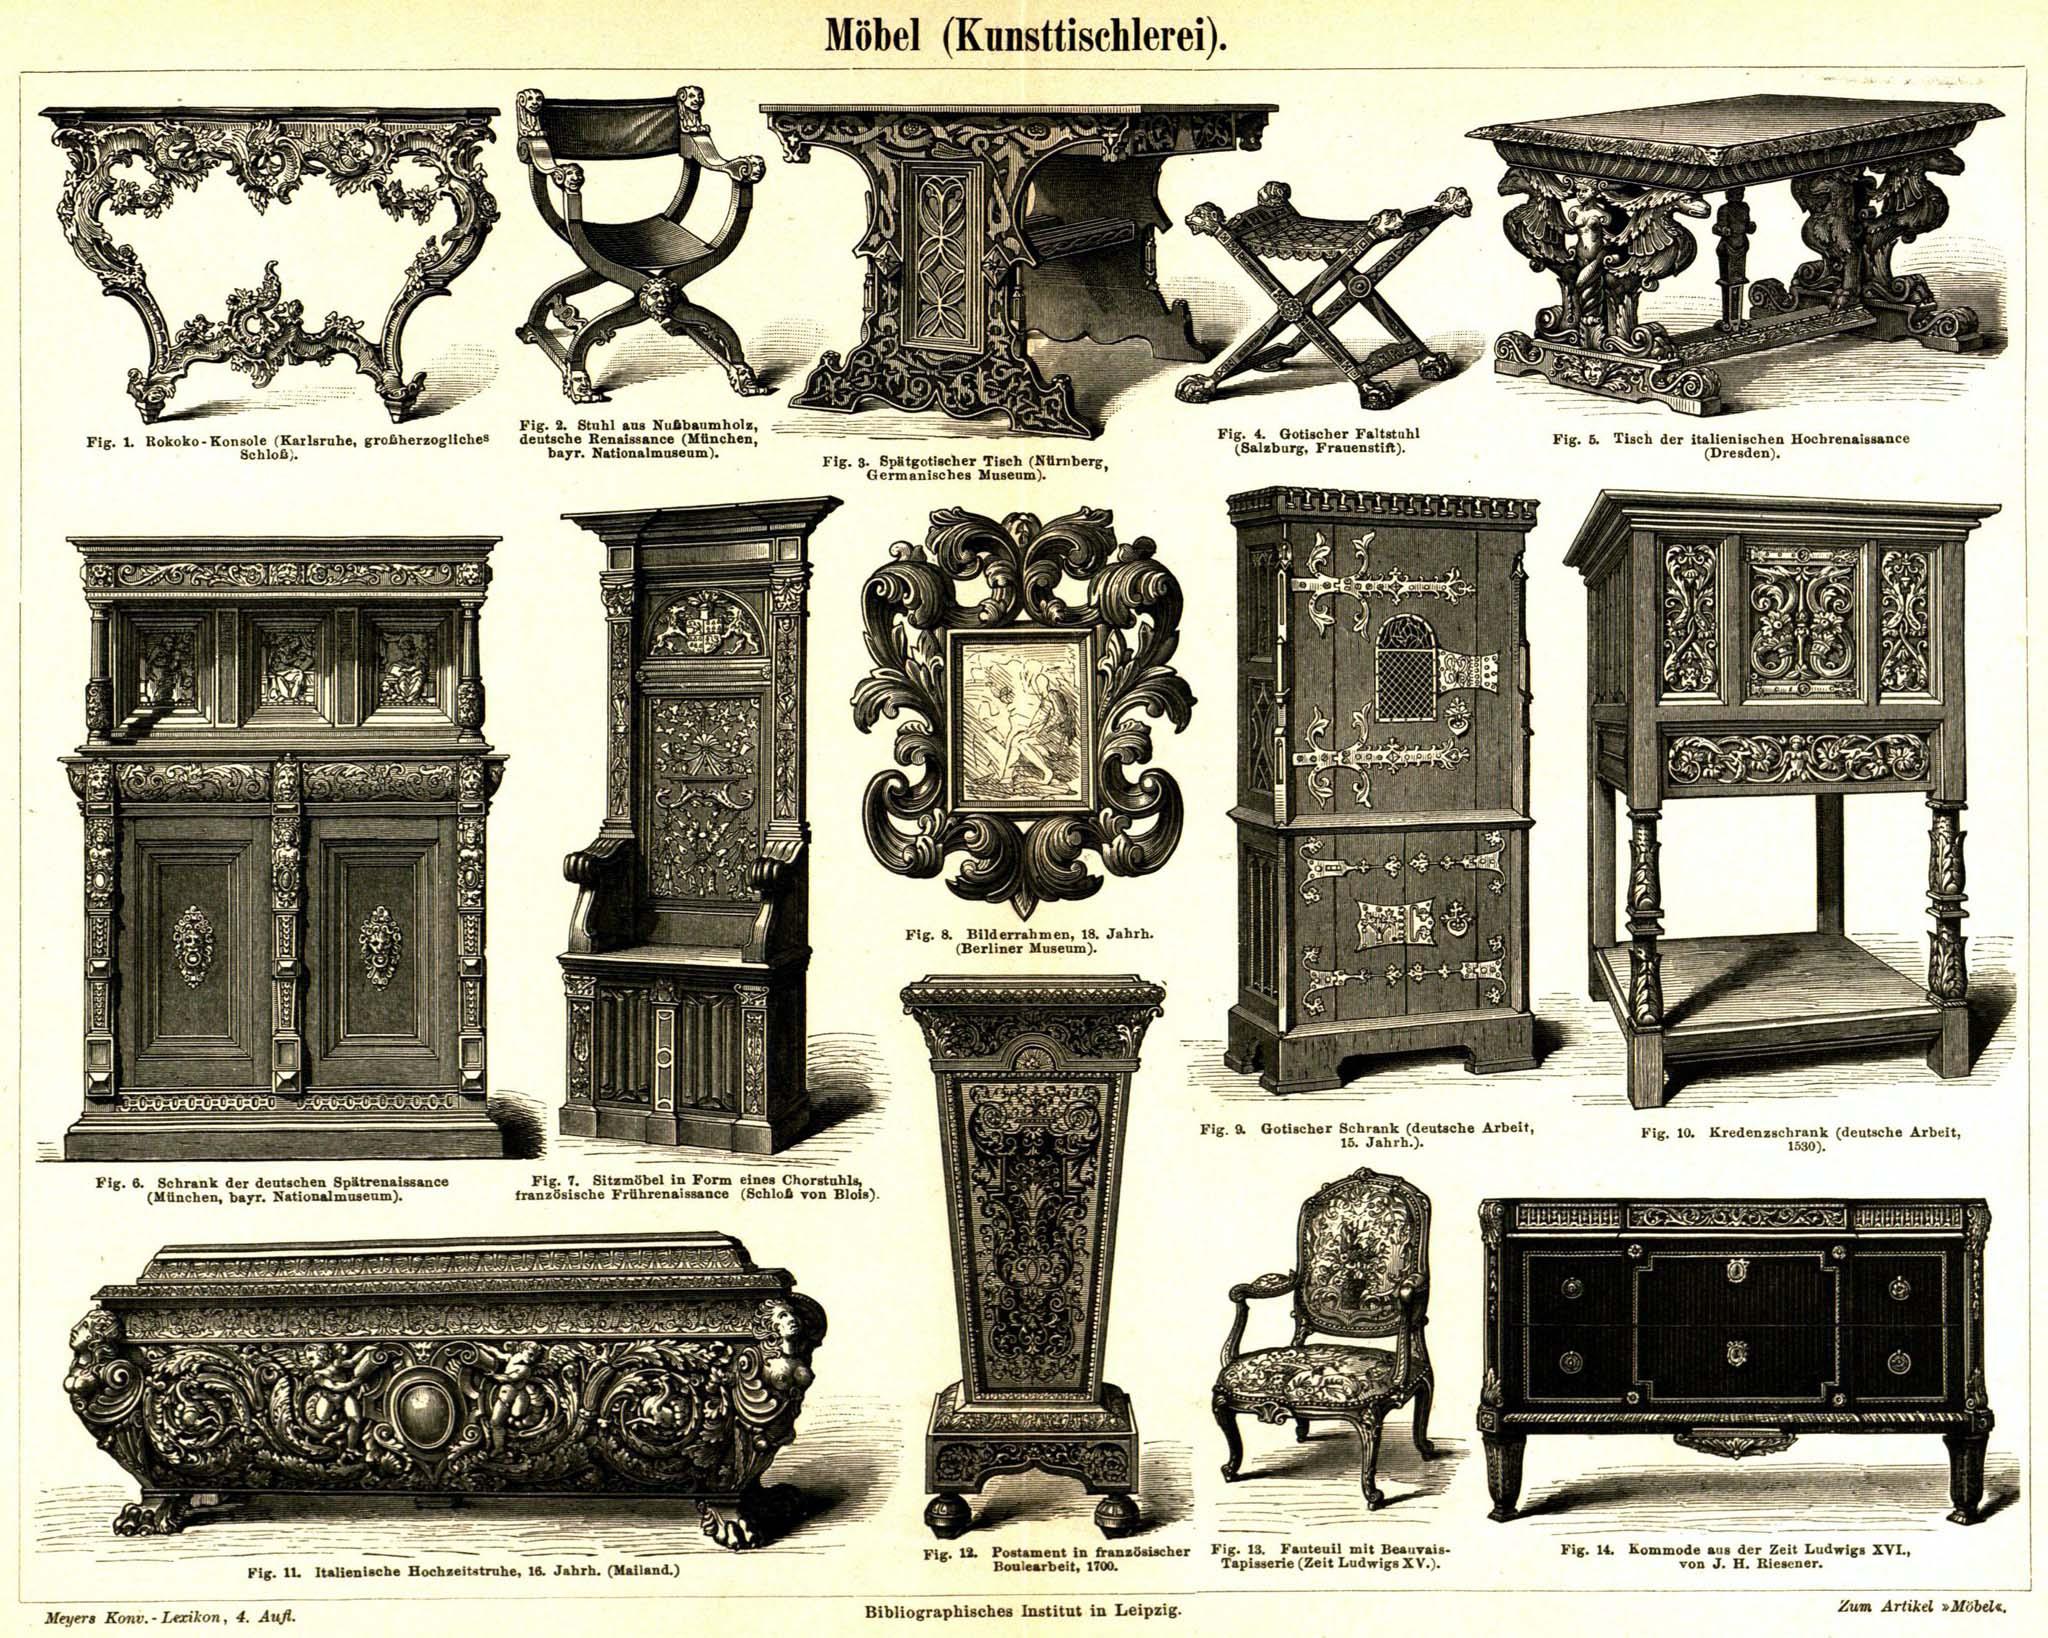 retro bib seite aus meyers konversationslexikon m bel kunsttischlerei. Black Bedroom Furniture Sets. Home Design Ideas